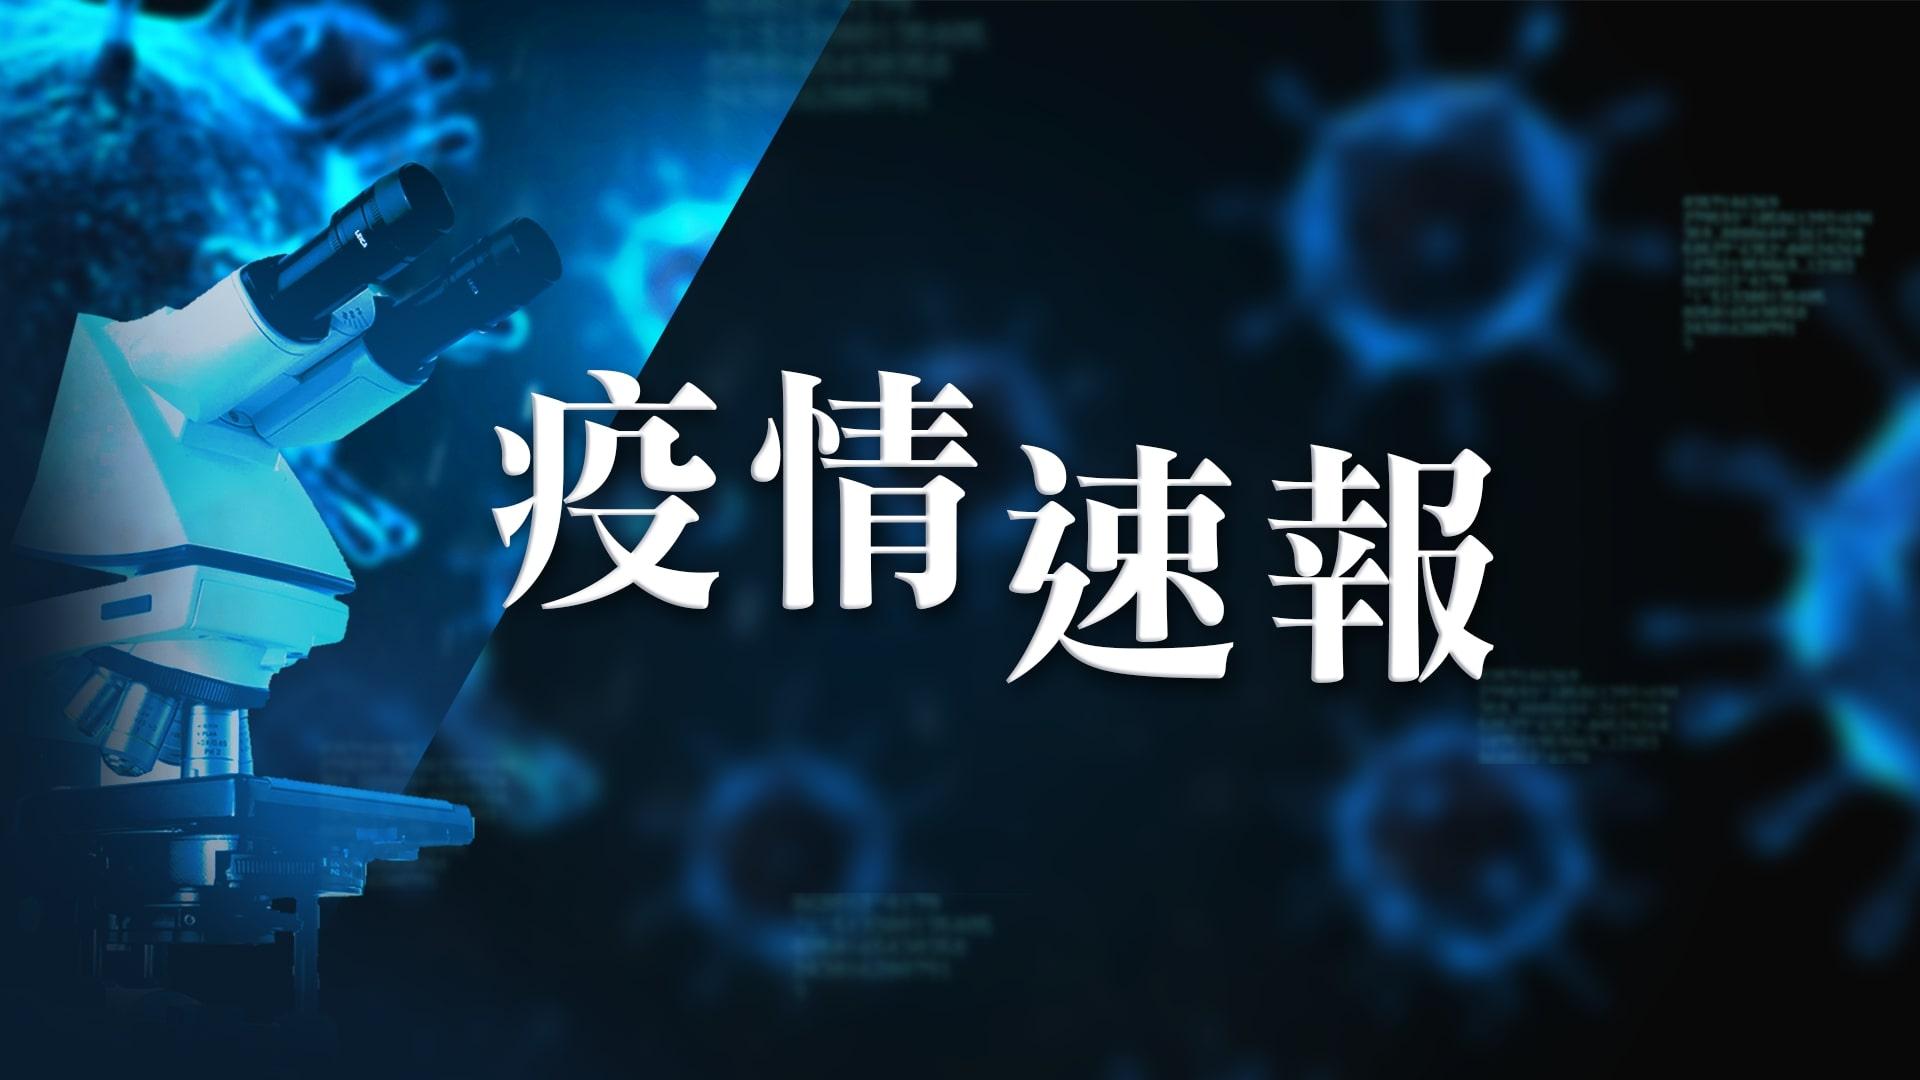 【2月18日疫情速報】(11:20)